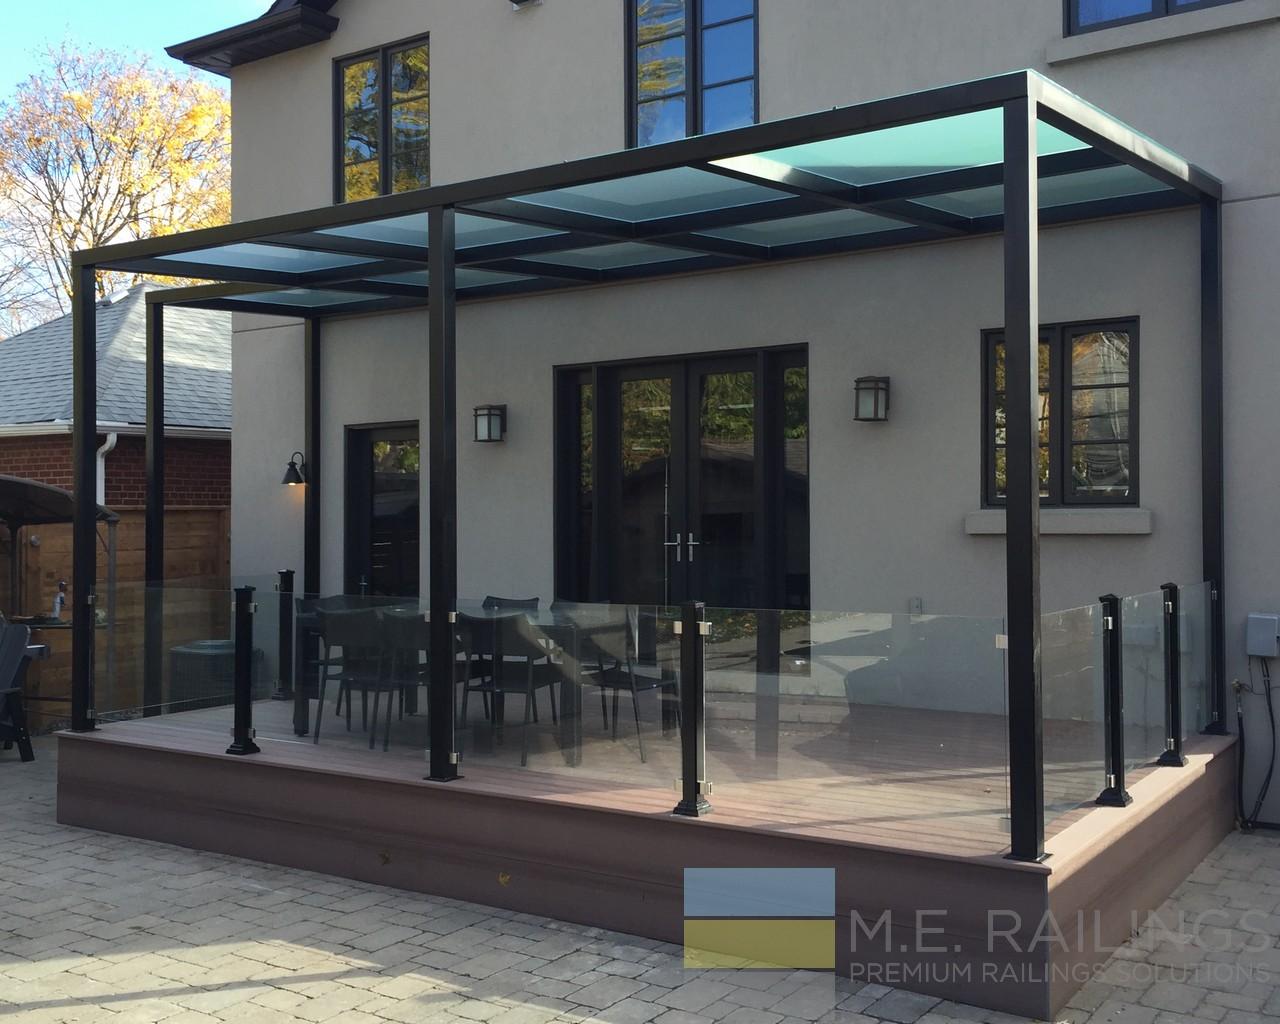 Aluminium Glass Railings With Pergola Toronto Railings Provides Exterior Interior And